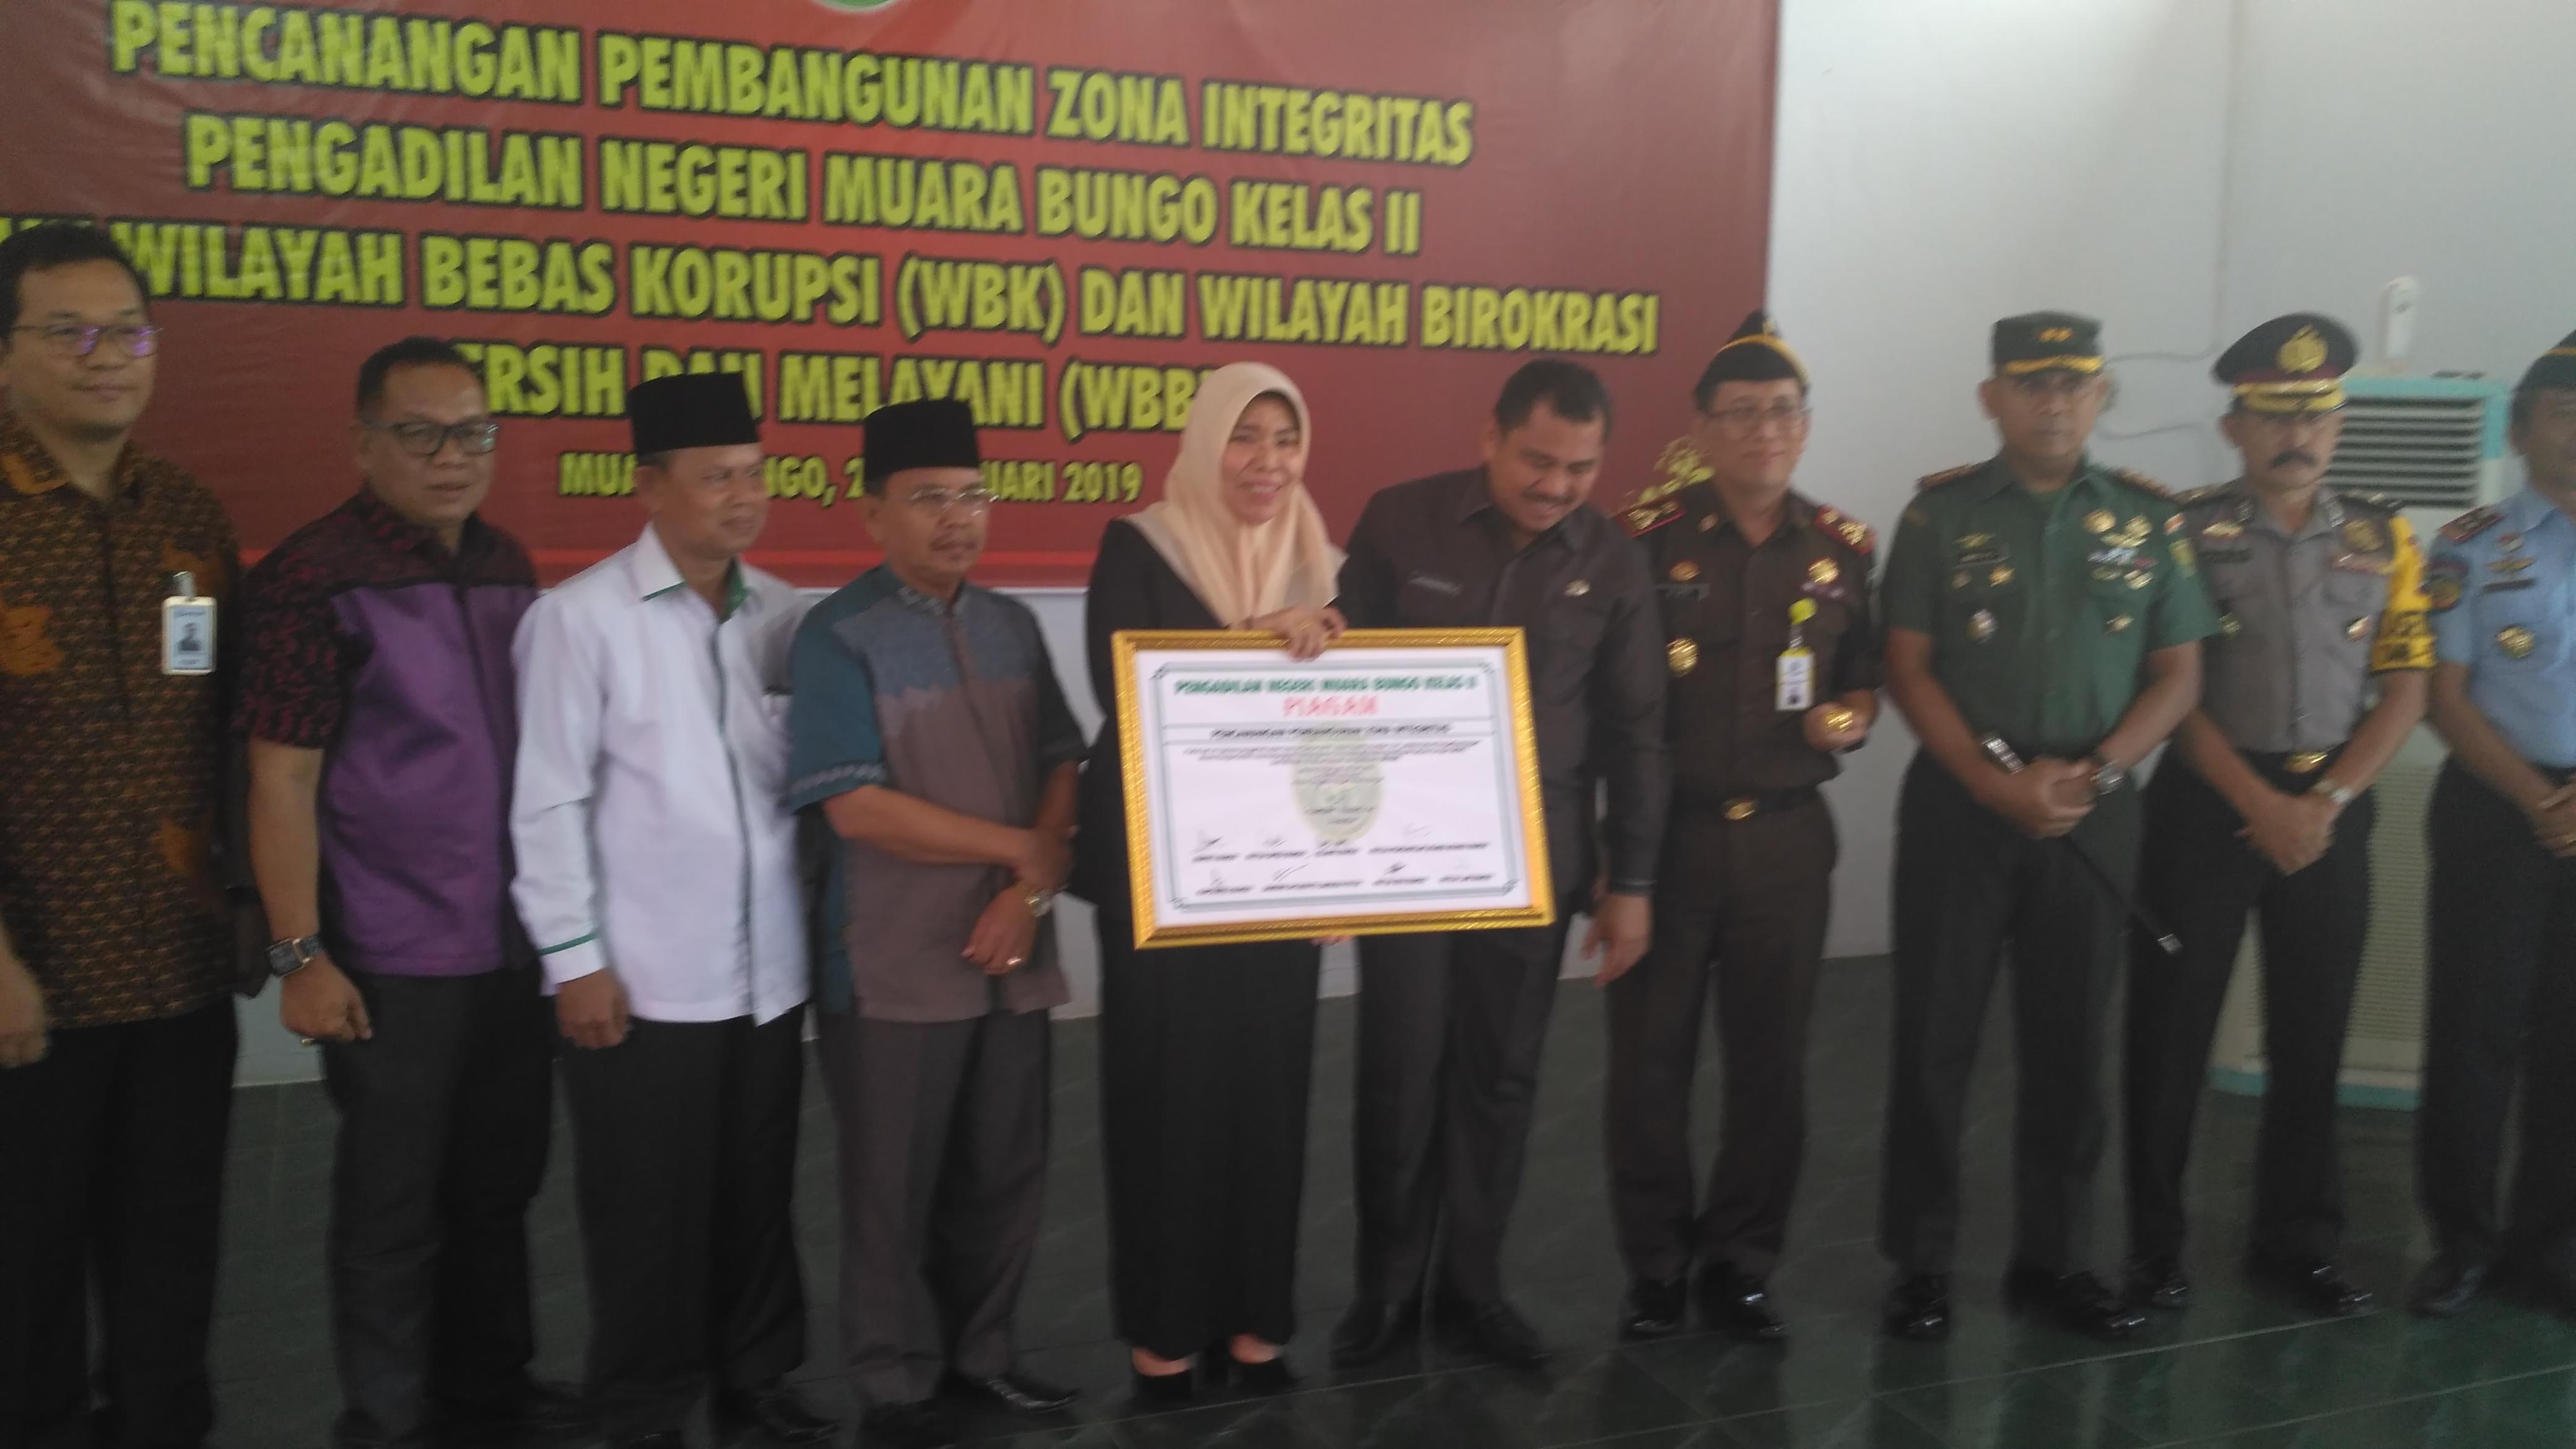 Pencanangan Pembangunan Zona Integritas menuju Wilayah Bebas Korupsi (WBK) dan Wilayah Birokrasi Bersih dan Melayani (WBBM) di Pengadilan Negeri Muara Bungo Kelas II oleh Bupati Bungo dan Forkominda Kabupaten Bungo